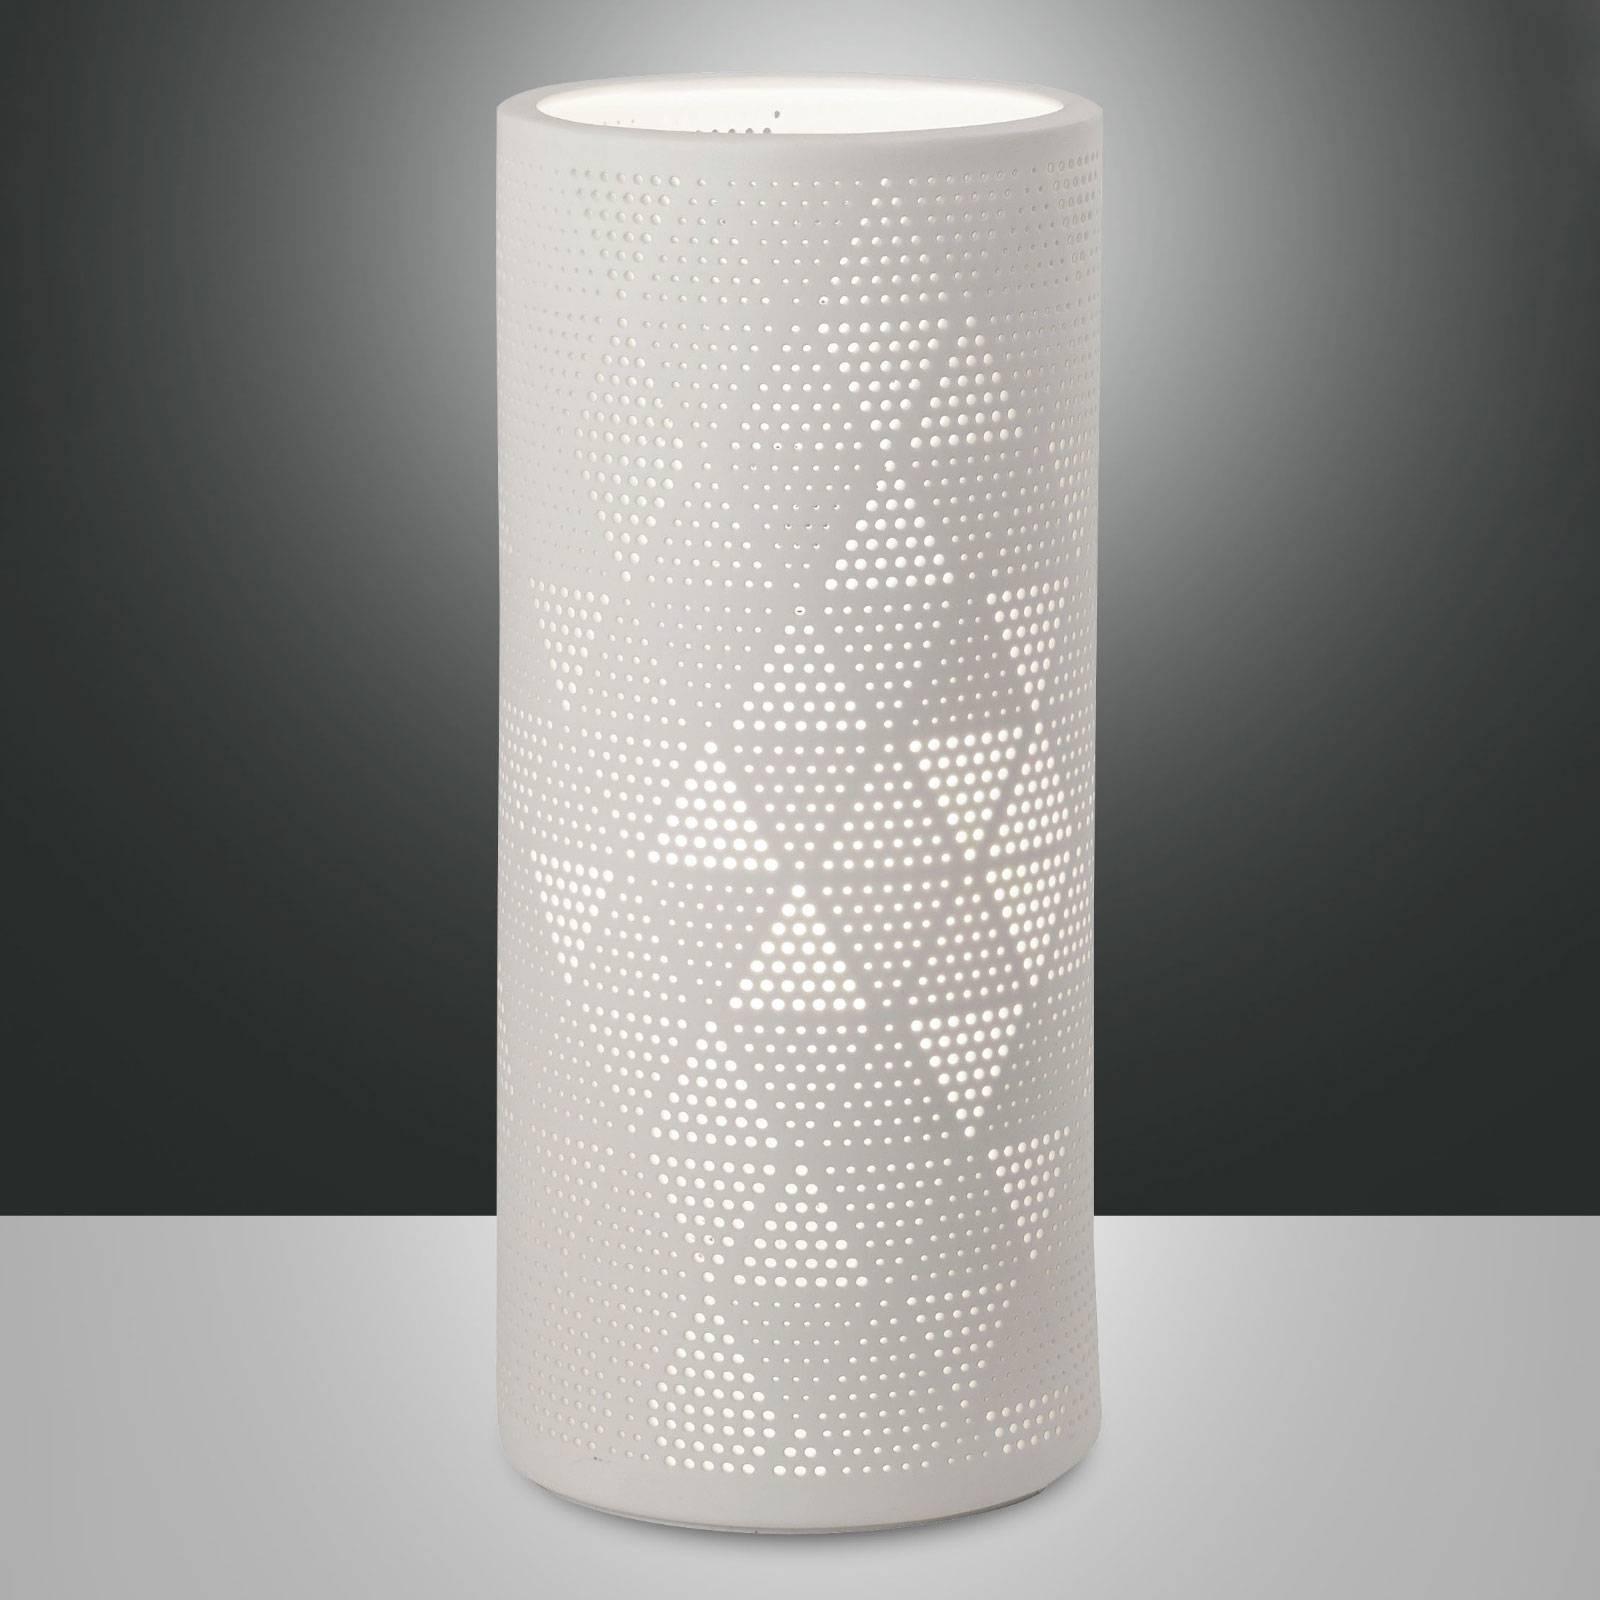 Tafellamp Micol van keramiek, hoogte 28,5 cm